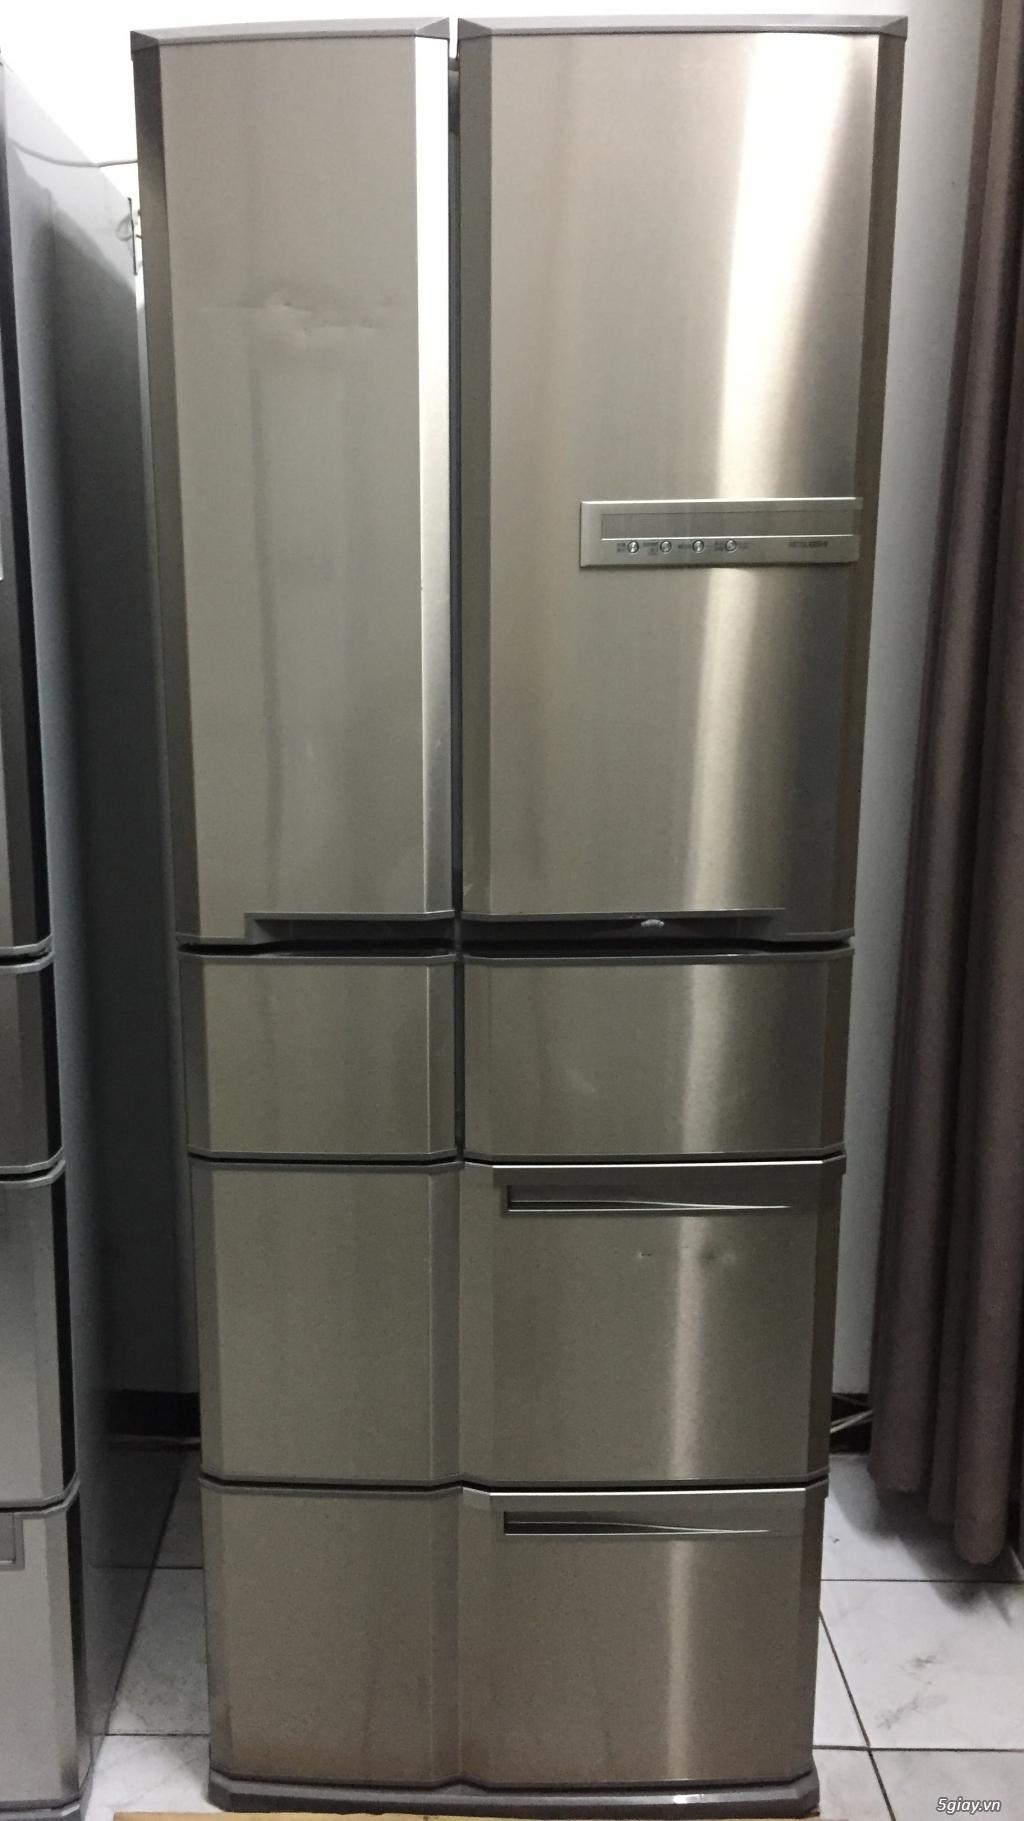 Tủ lạnh MITSUBISHI 400L - 470L - 500L hàng nội địa Nhật Bản